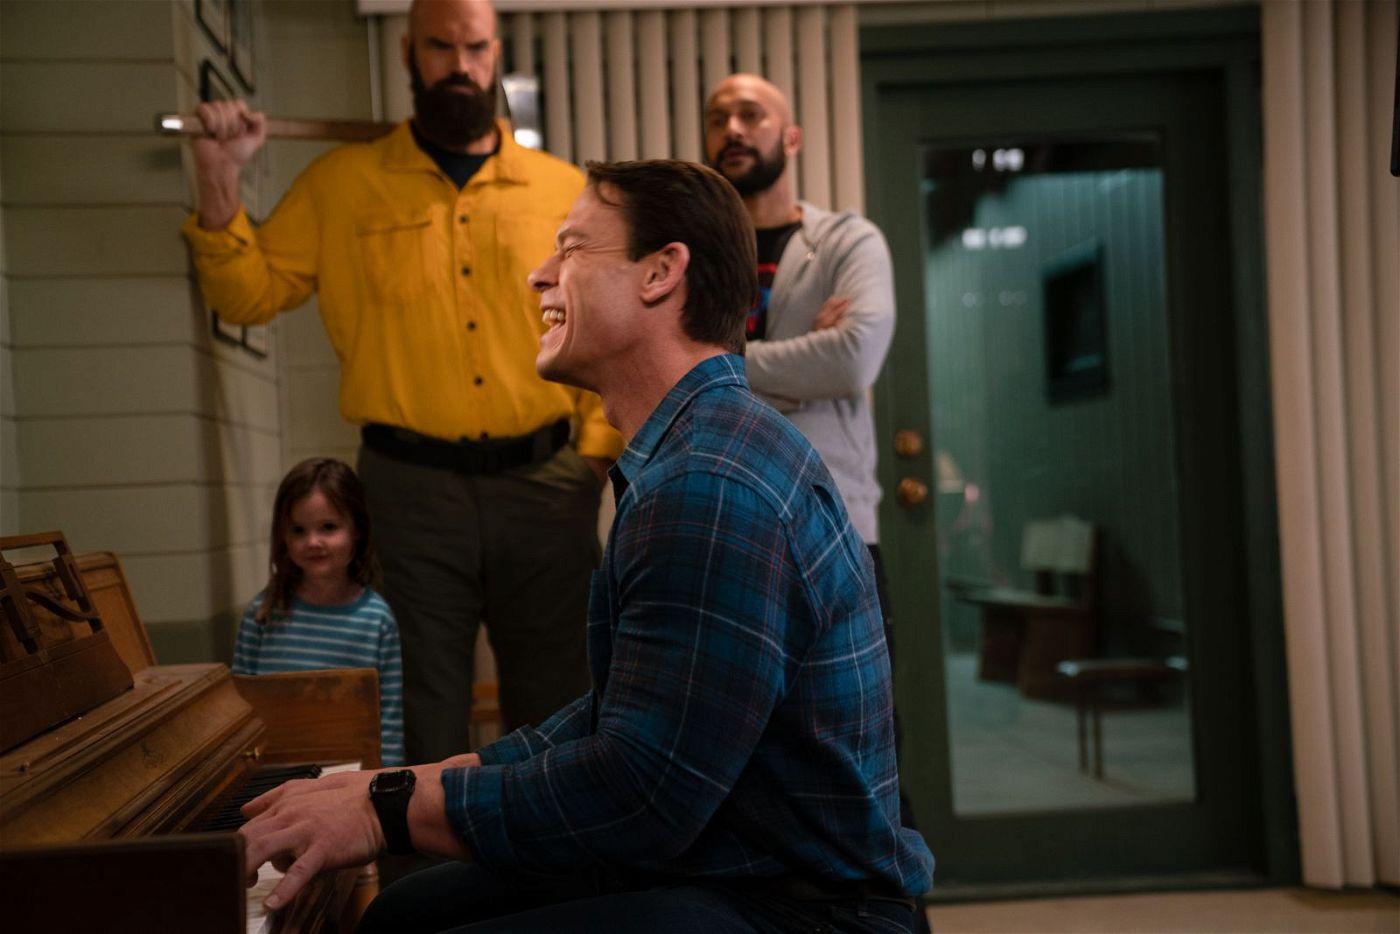 Eigentlich stand das Klavier von Jakes (John Cena, vorne) Vater lange abgedeckt in der Ecke. Als die Kinder es nun aber aus dem Versteck holen, muss er einfach wieder darauf spielen.